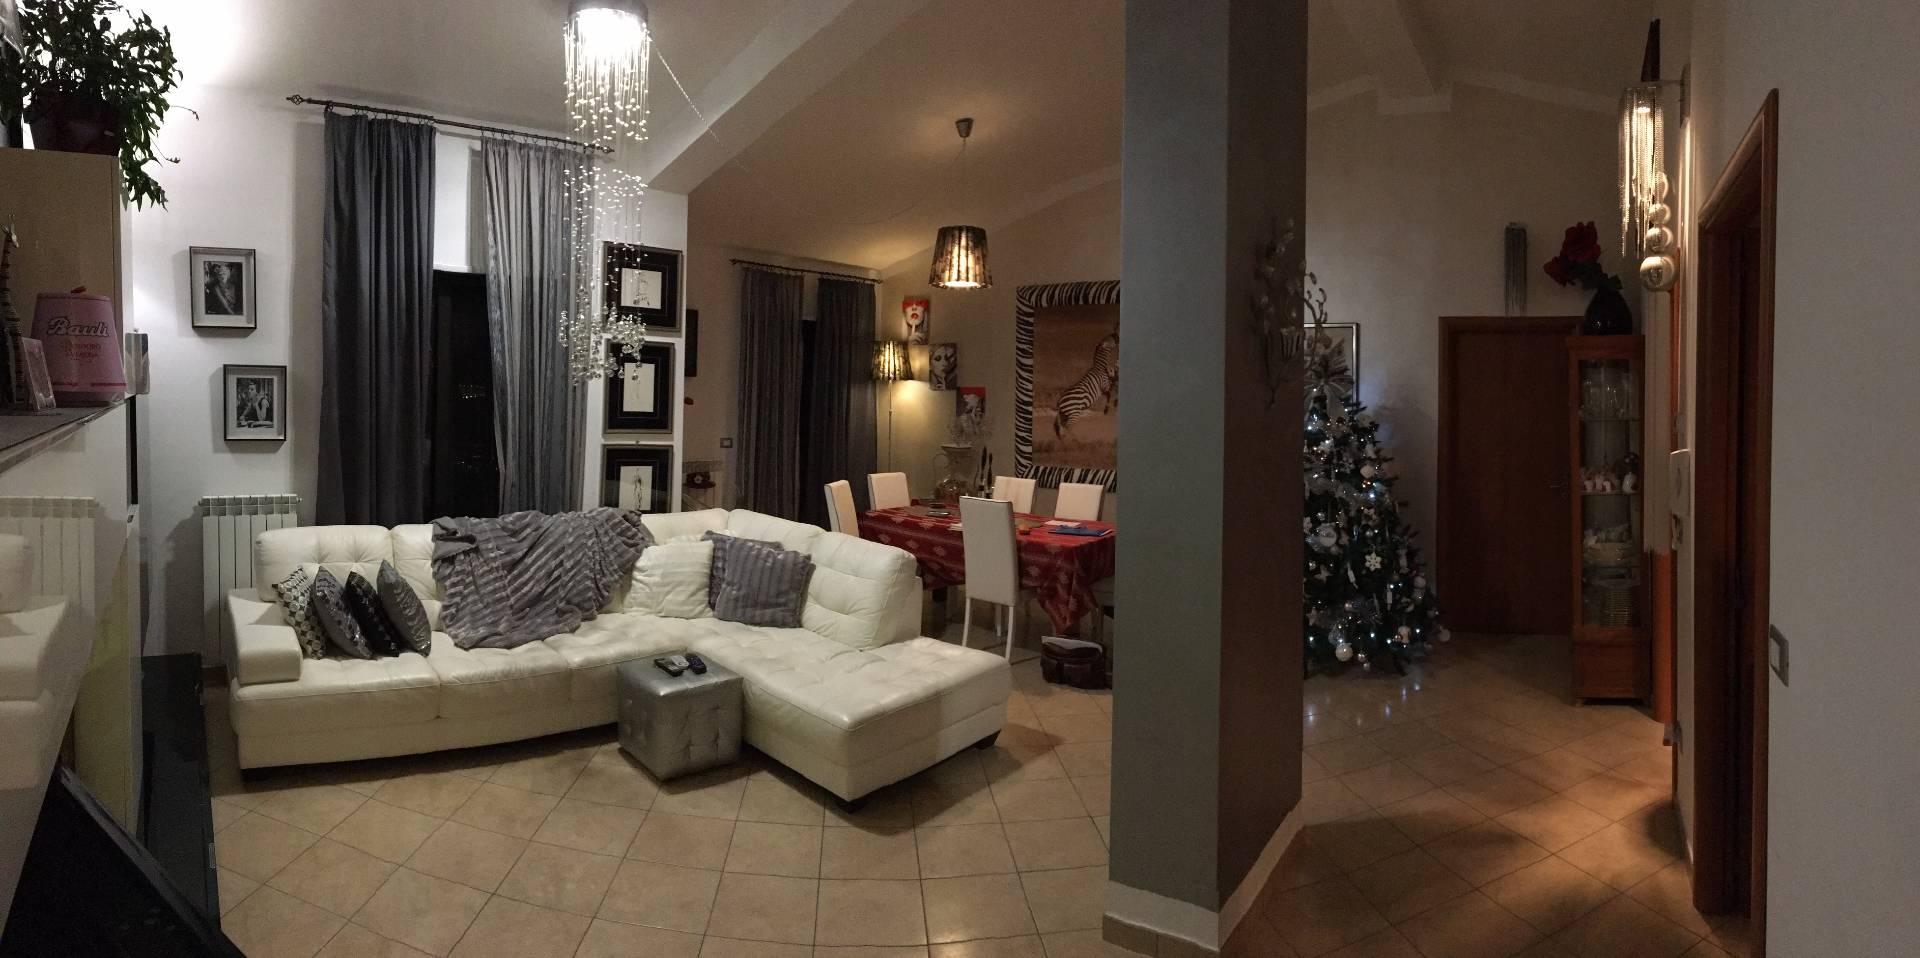 Appartamento in vendita a Settingiano, 4 locali, zona Località: ViaMonaci-C/daMartelletto, prezzo € 140.000 | CambioCasa.it